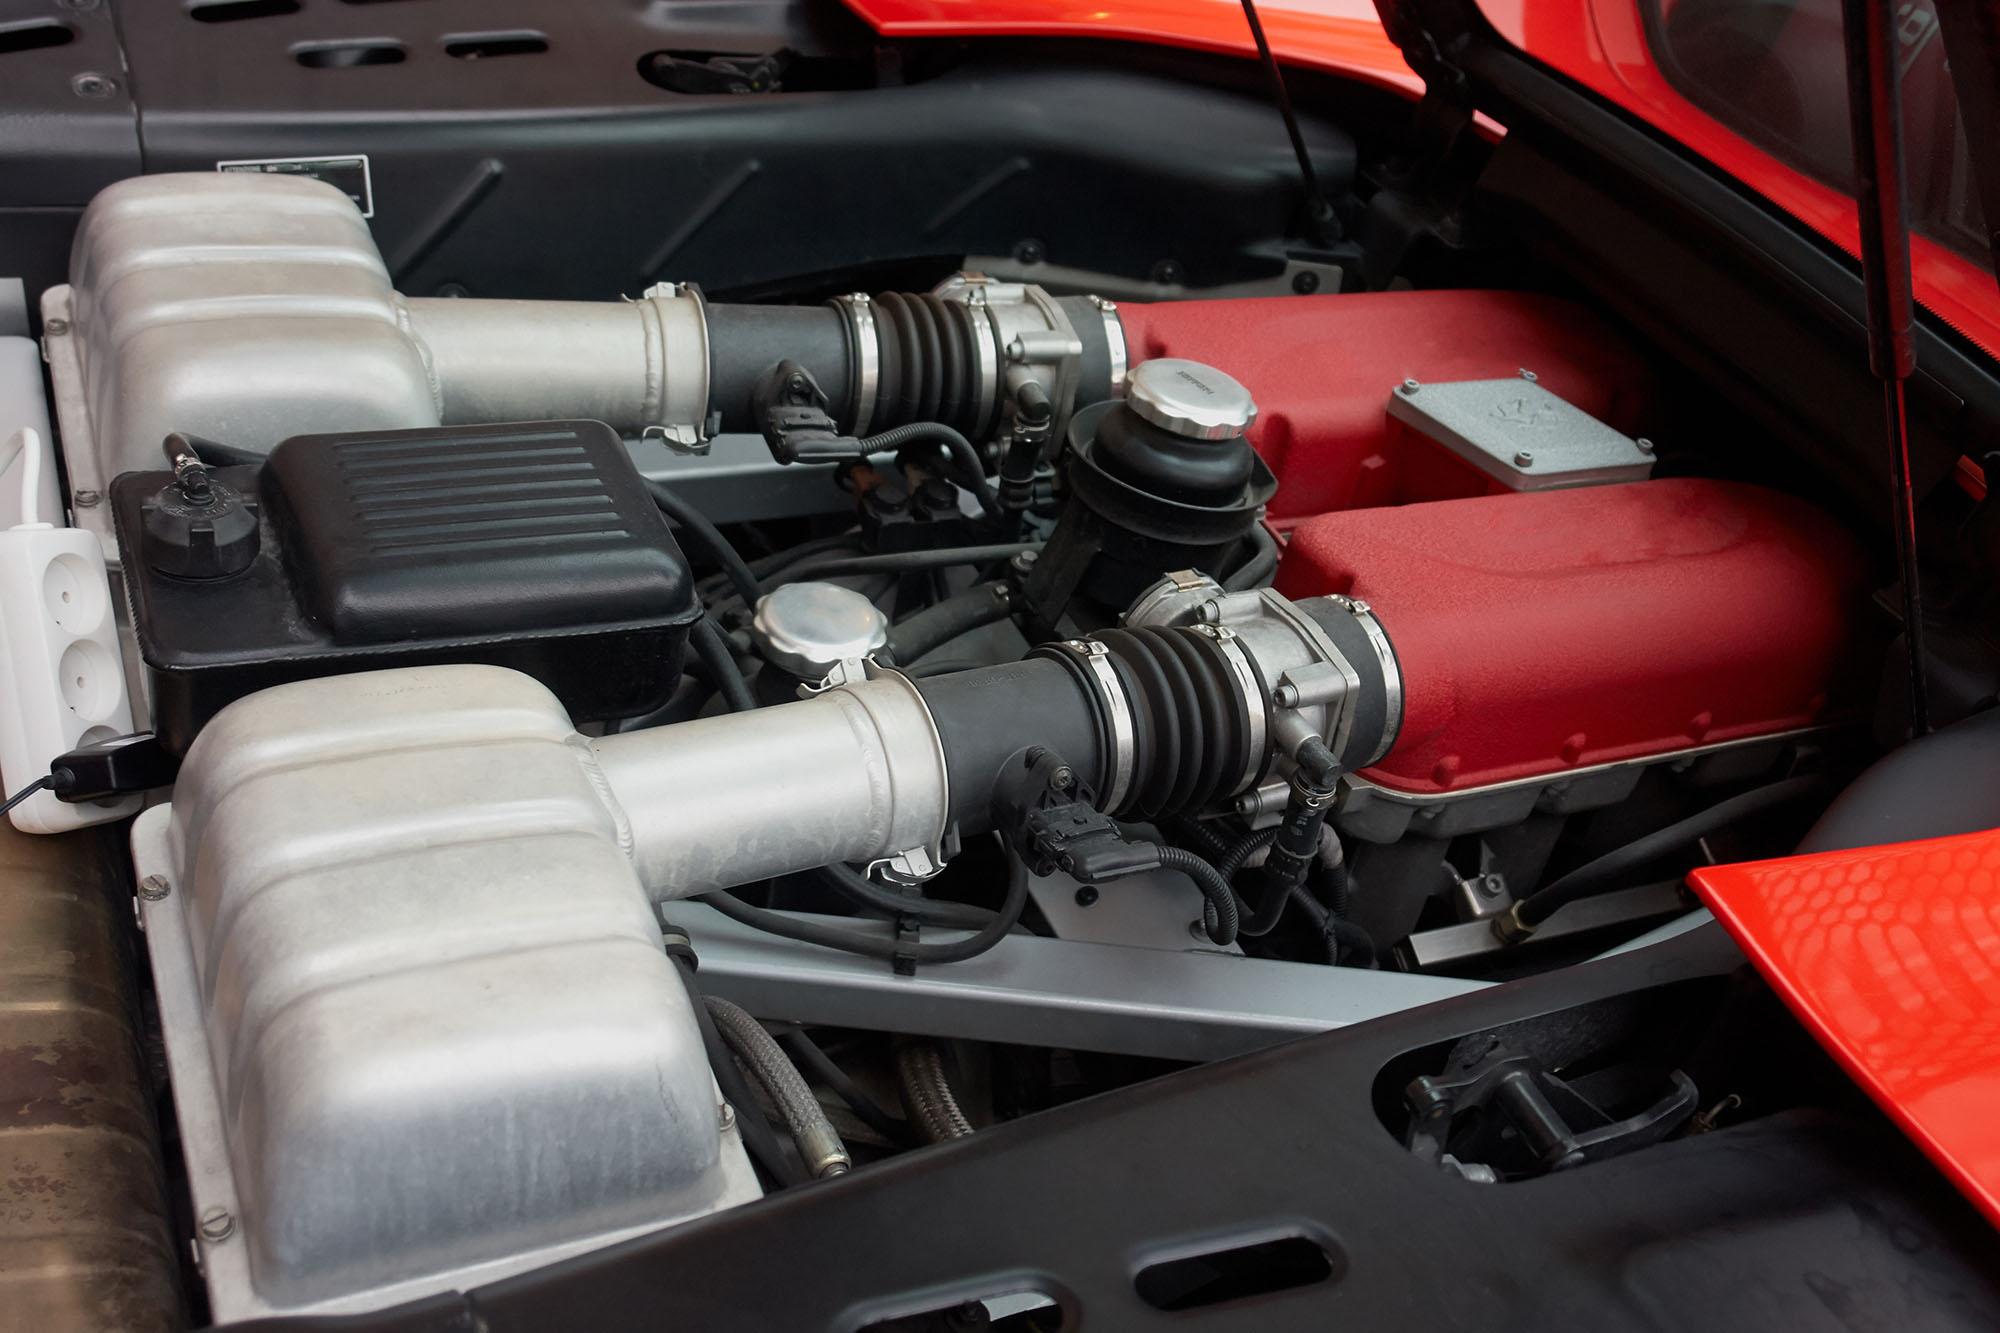 Engine for a European Car